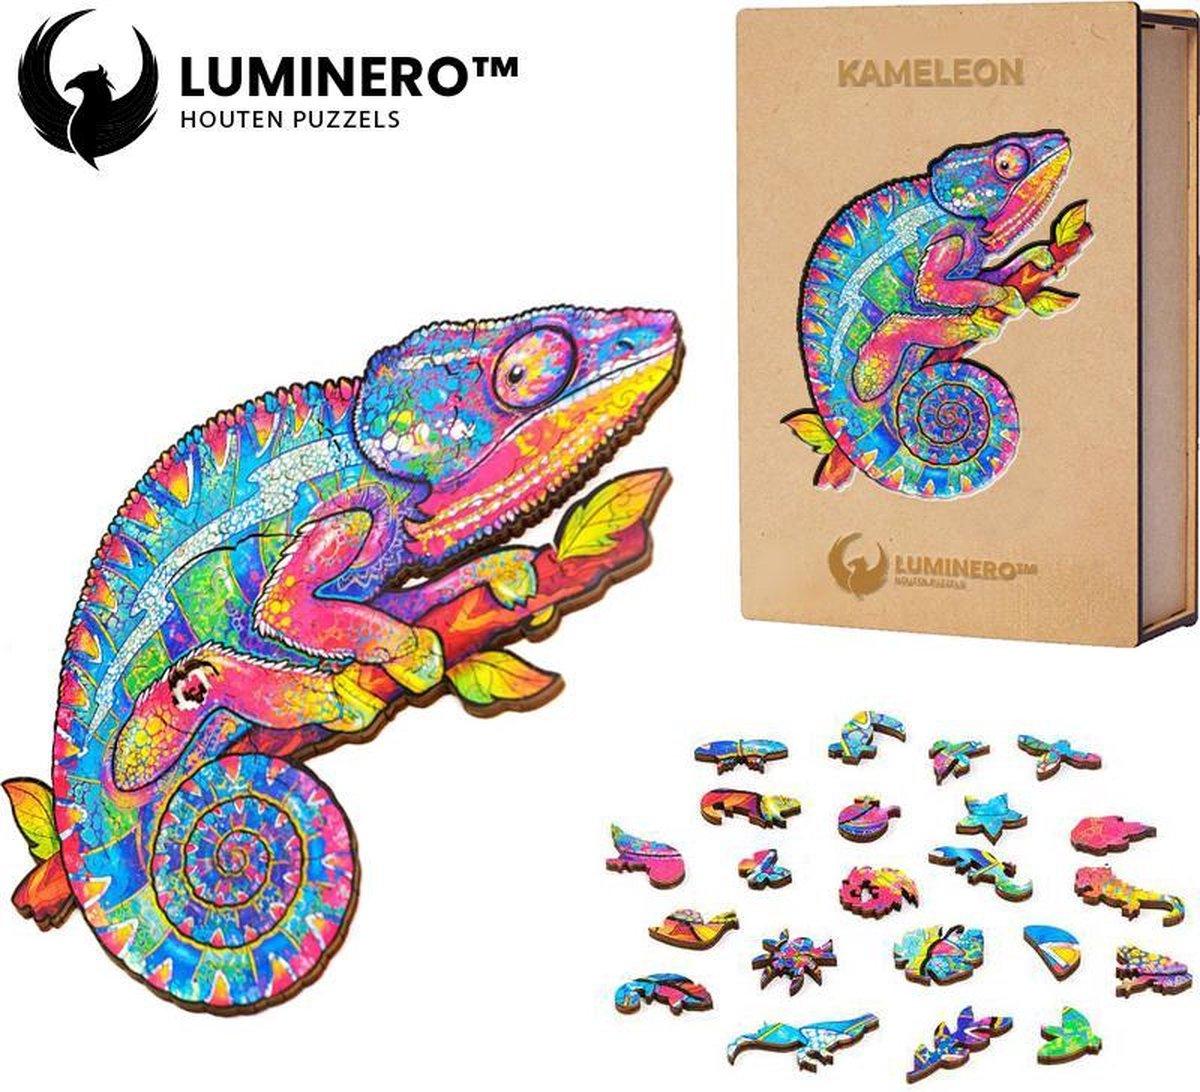 Luminero™ Houten Kameleon Jigsaw Puzzel - A3 Formaat Jigsaw - Unieke 3D Puzzels - Huisdecoratie - Wooden Puzzle - Volwassenen & Kinderen - Incl. Houten Doos